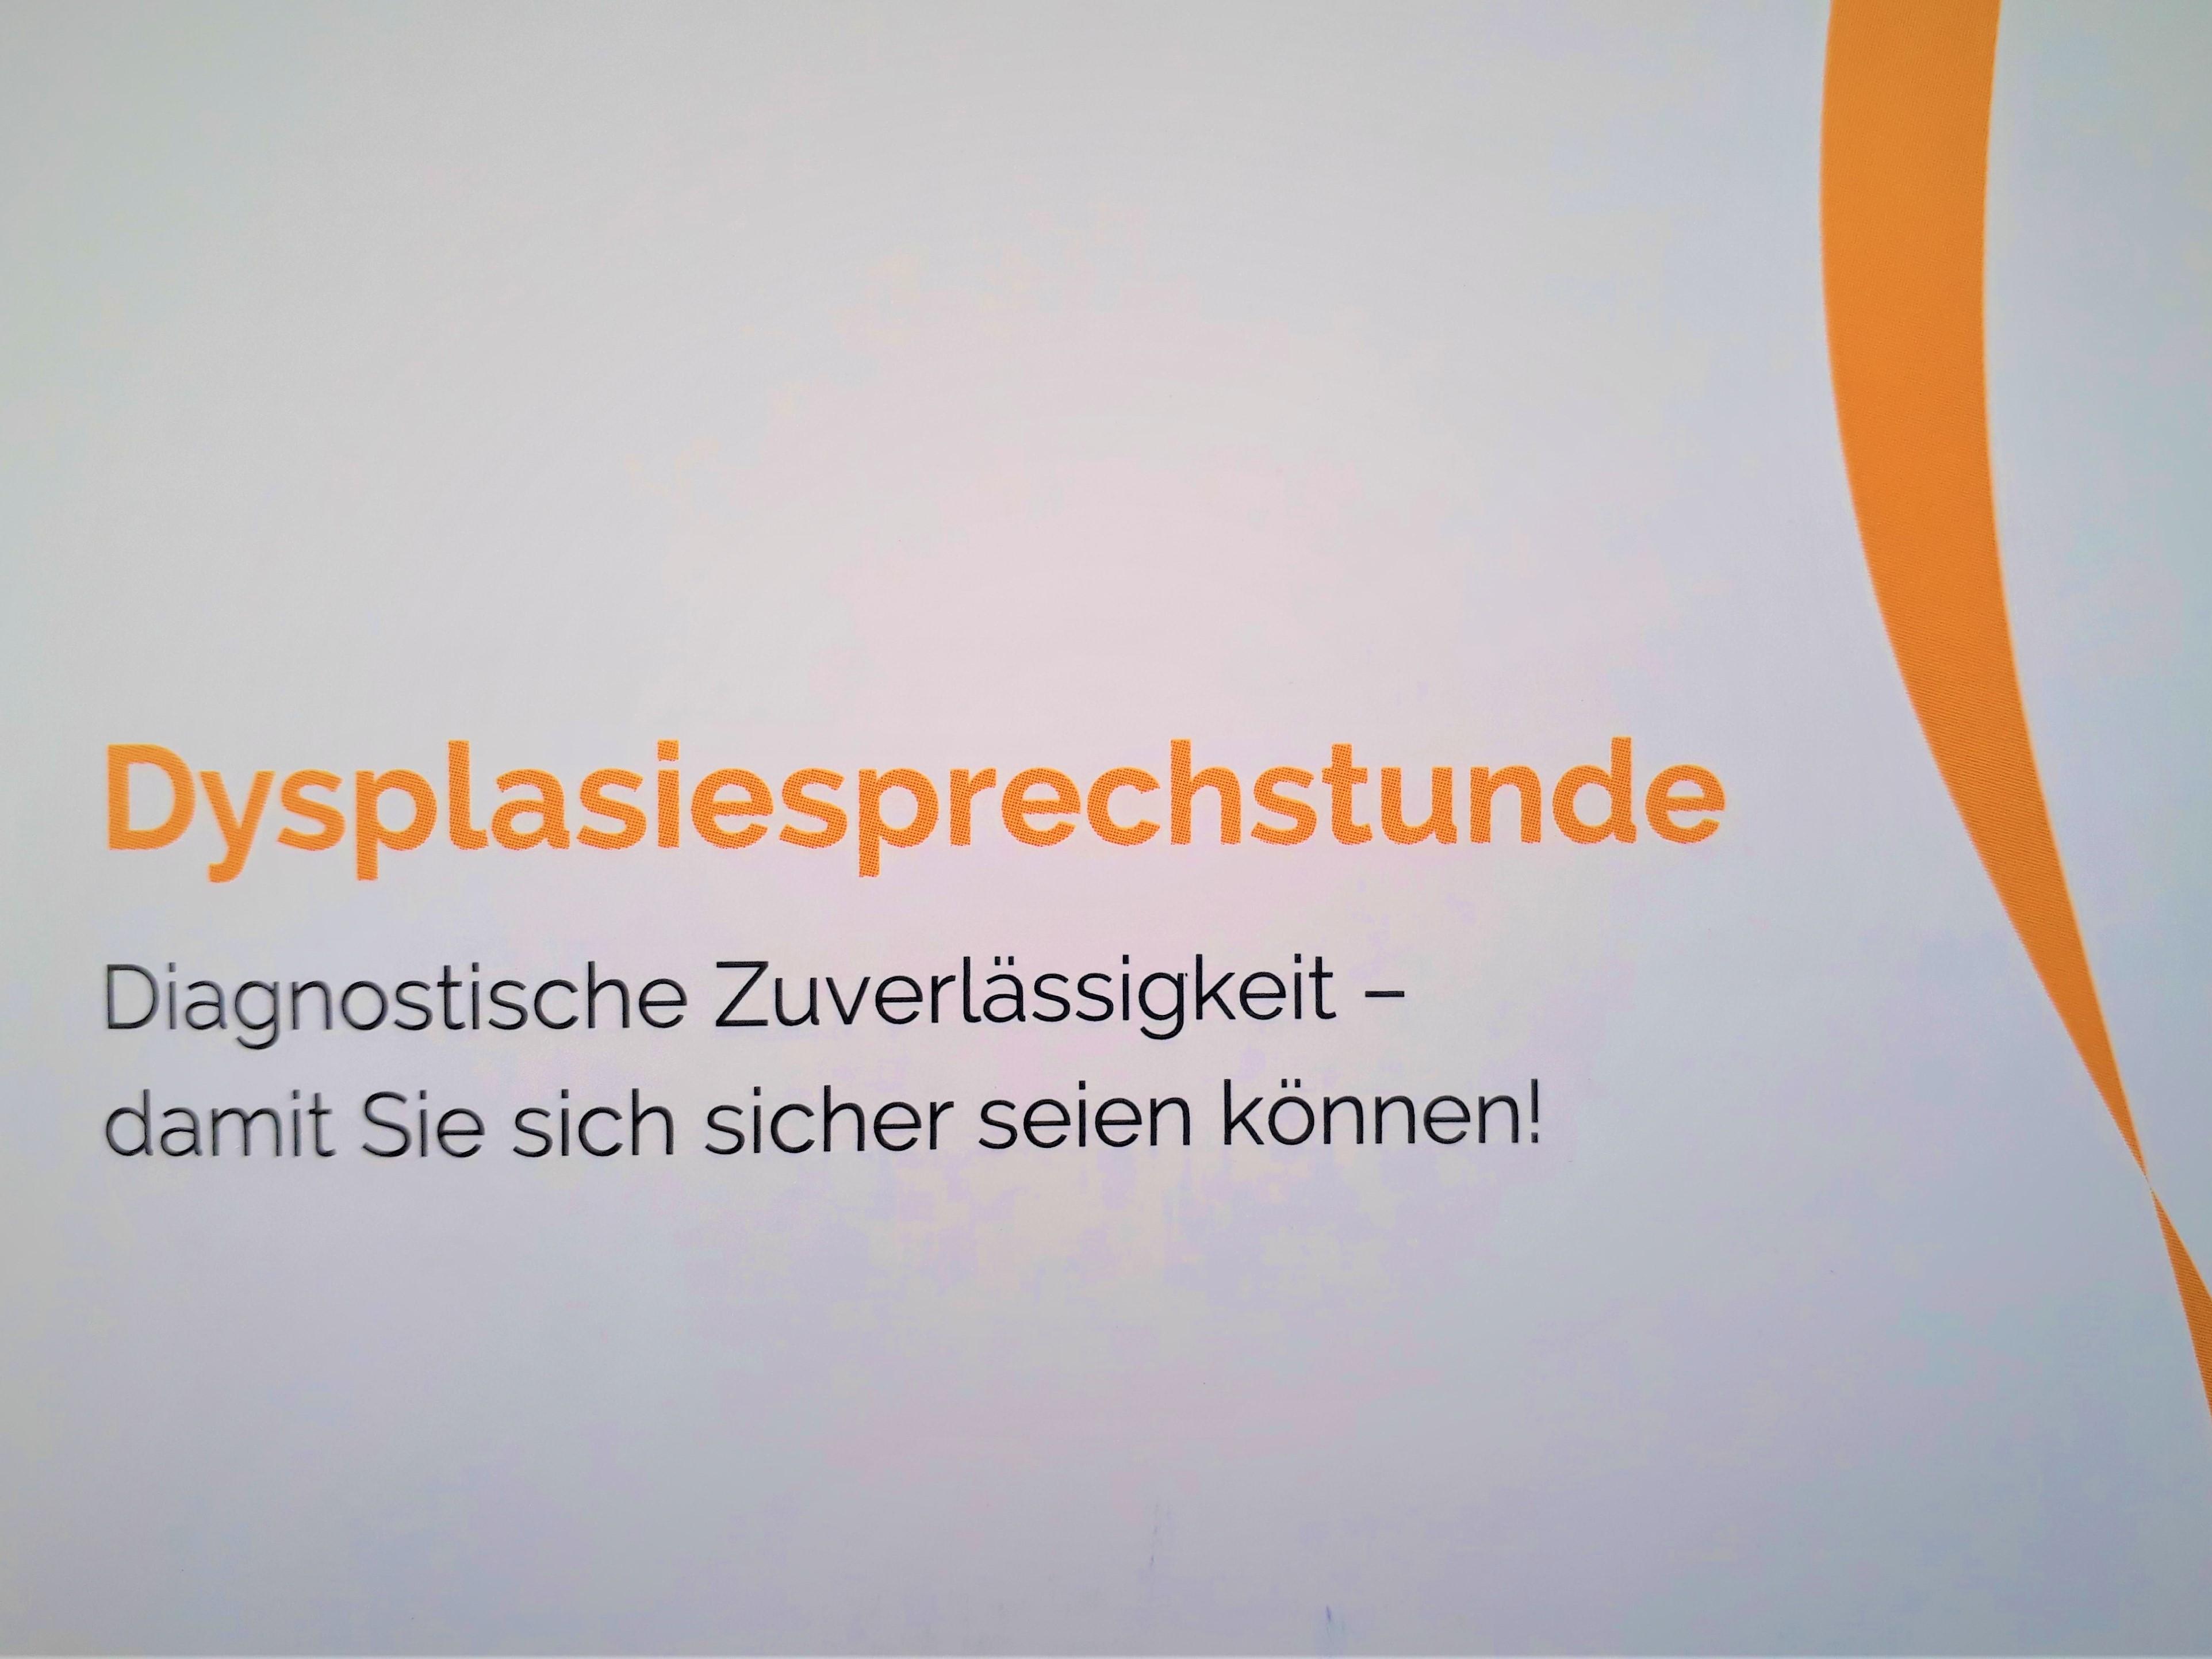 Dysplasiesprechstunde der Praxisklinik Rhein-Waal - </p> Zertifizierung durch die Kassenärztliche Vereinigung Nordrhein -